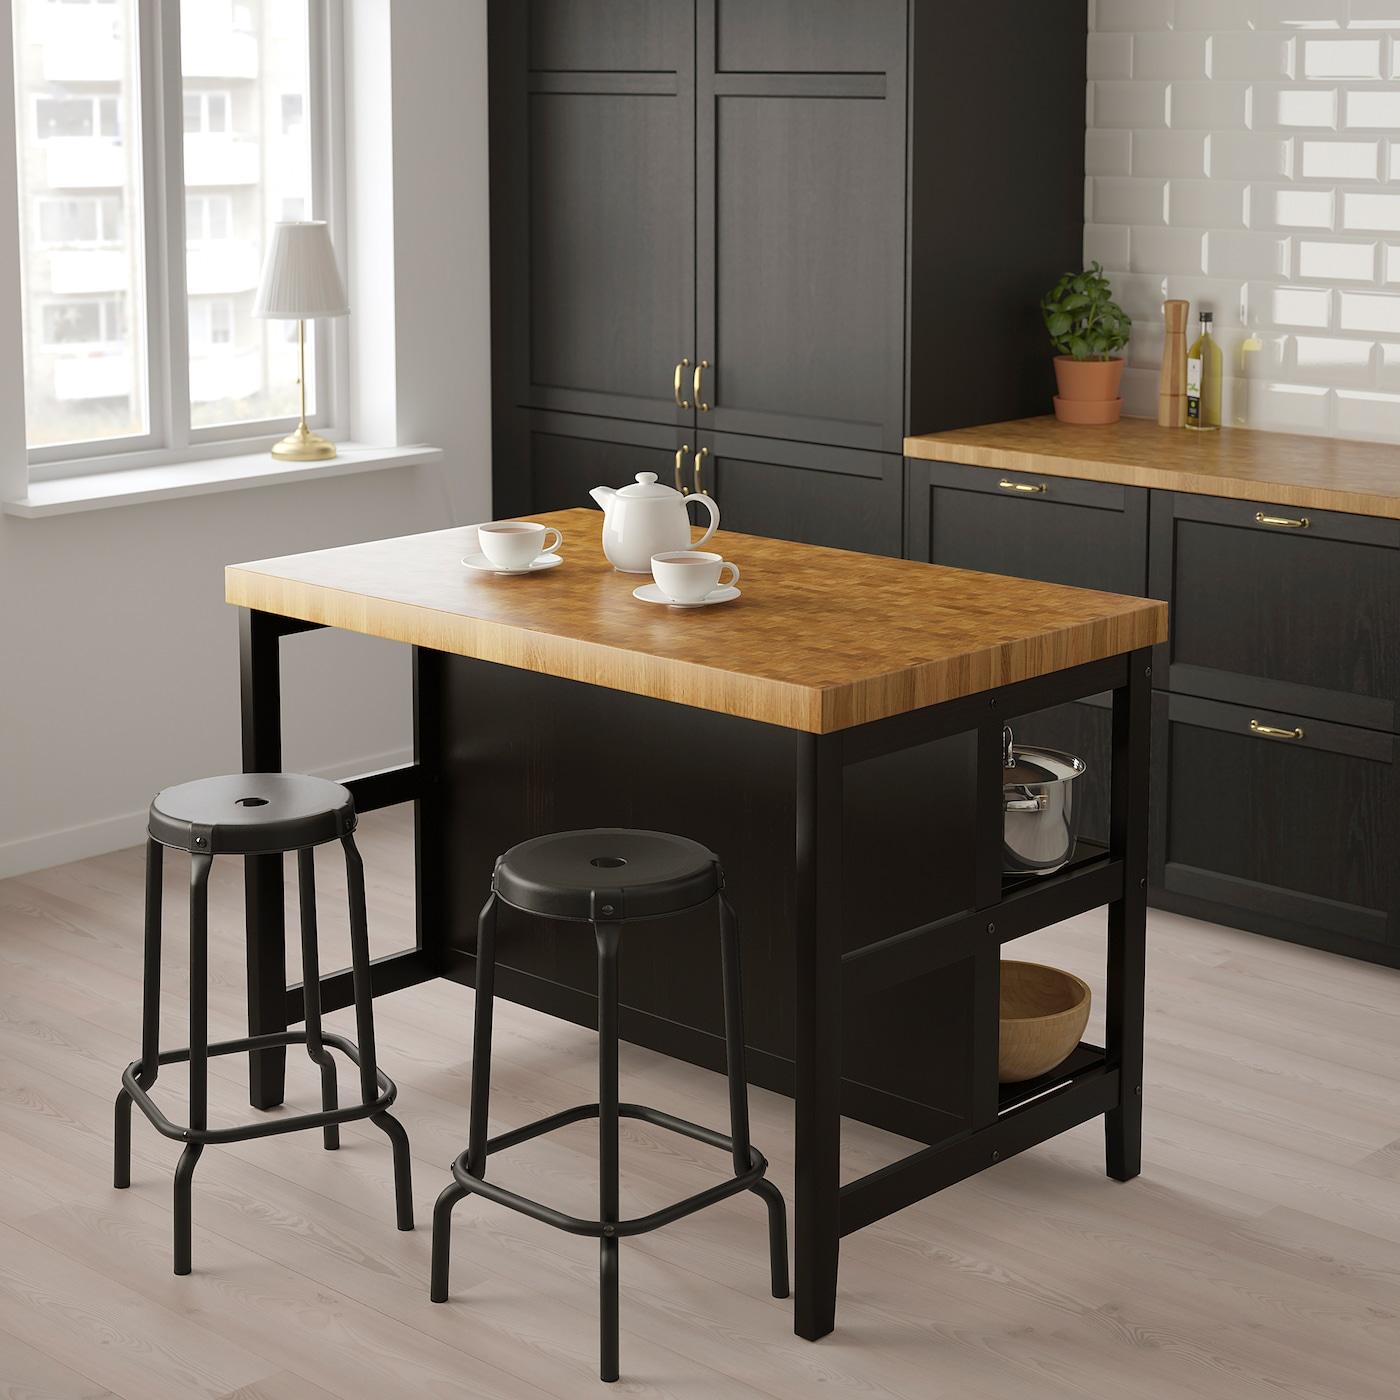 VADHOLMA Îlot pour cuisine, noir, chêne, 126x79x90 cm IKEA